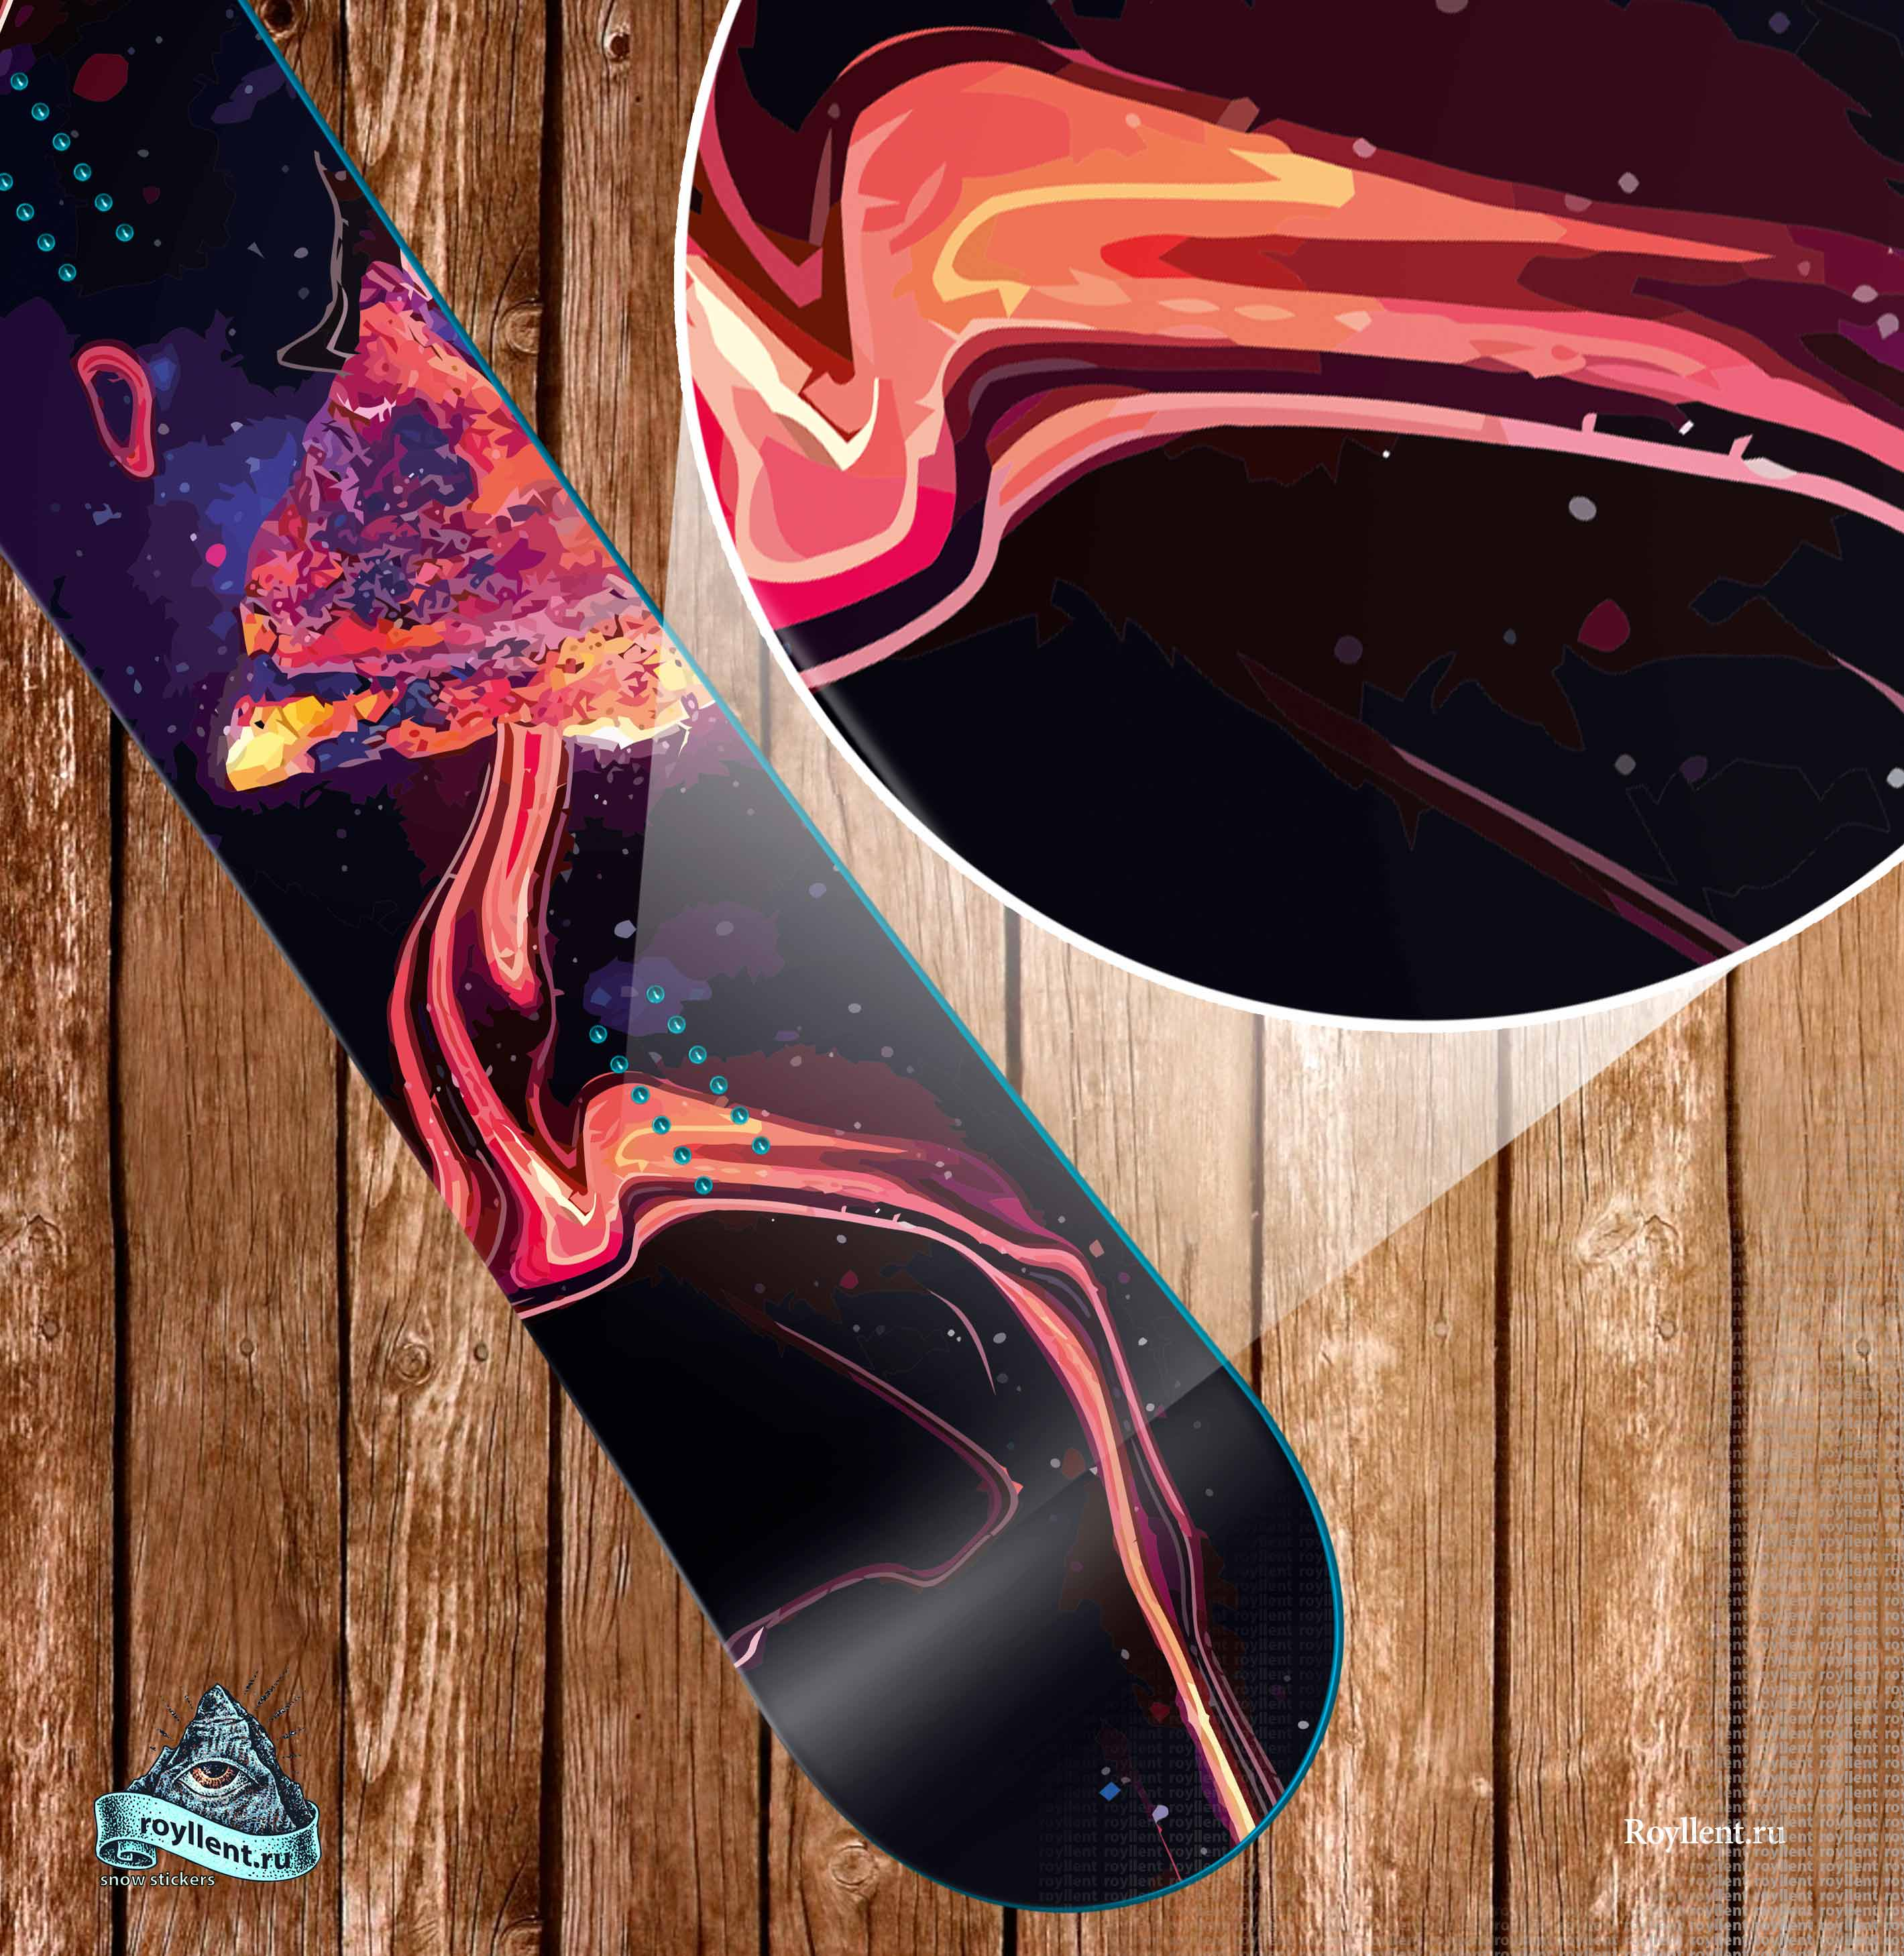 Виниловая наклейка Москва, Наклейка на сноуборд МСК, Наклейка на борд Мск, наклейка на сноуборд купить Мск, сноуборд винил в Москве, сноуборд стикер в Москве, стикер купить в Москве недорого, сноуборд стикер интернет магазин, производитель сноуборд наклеек в Москве